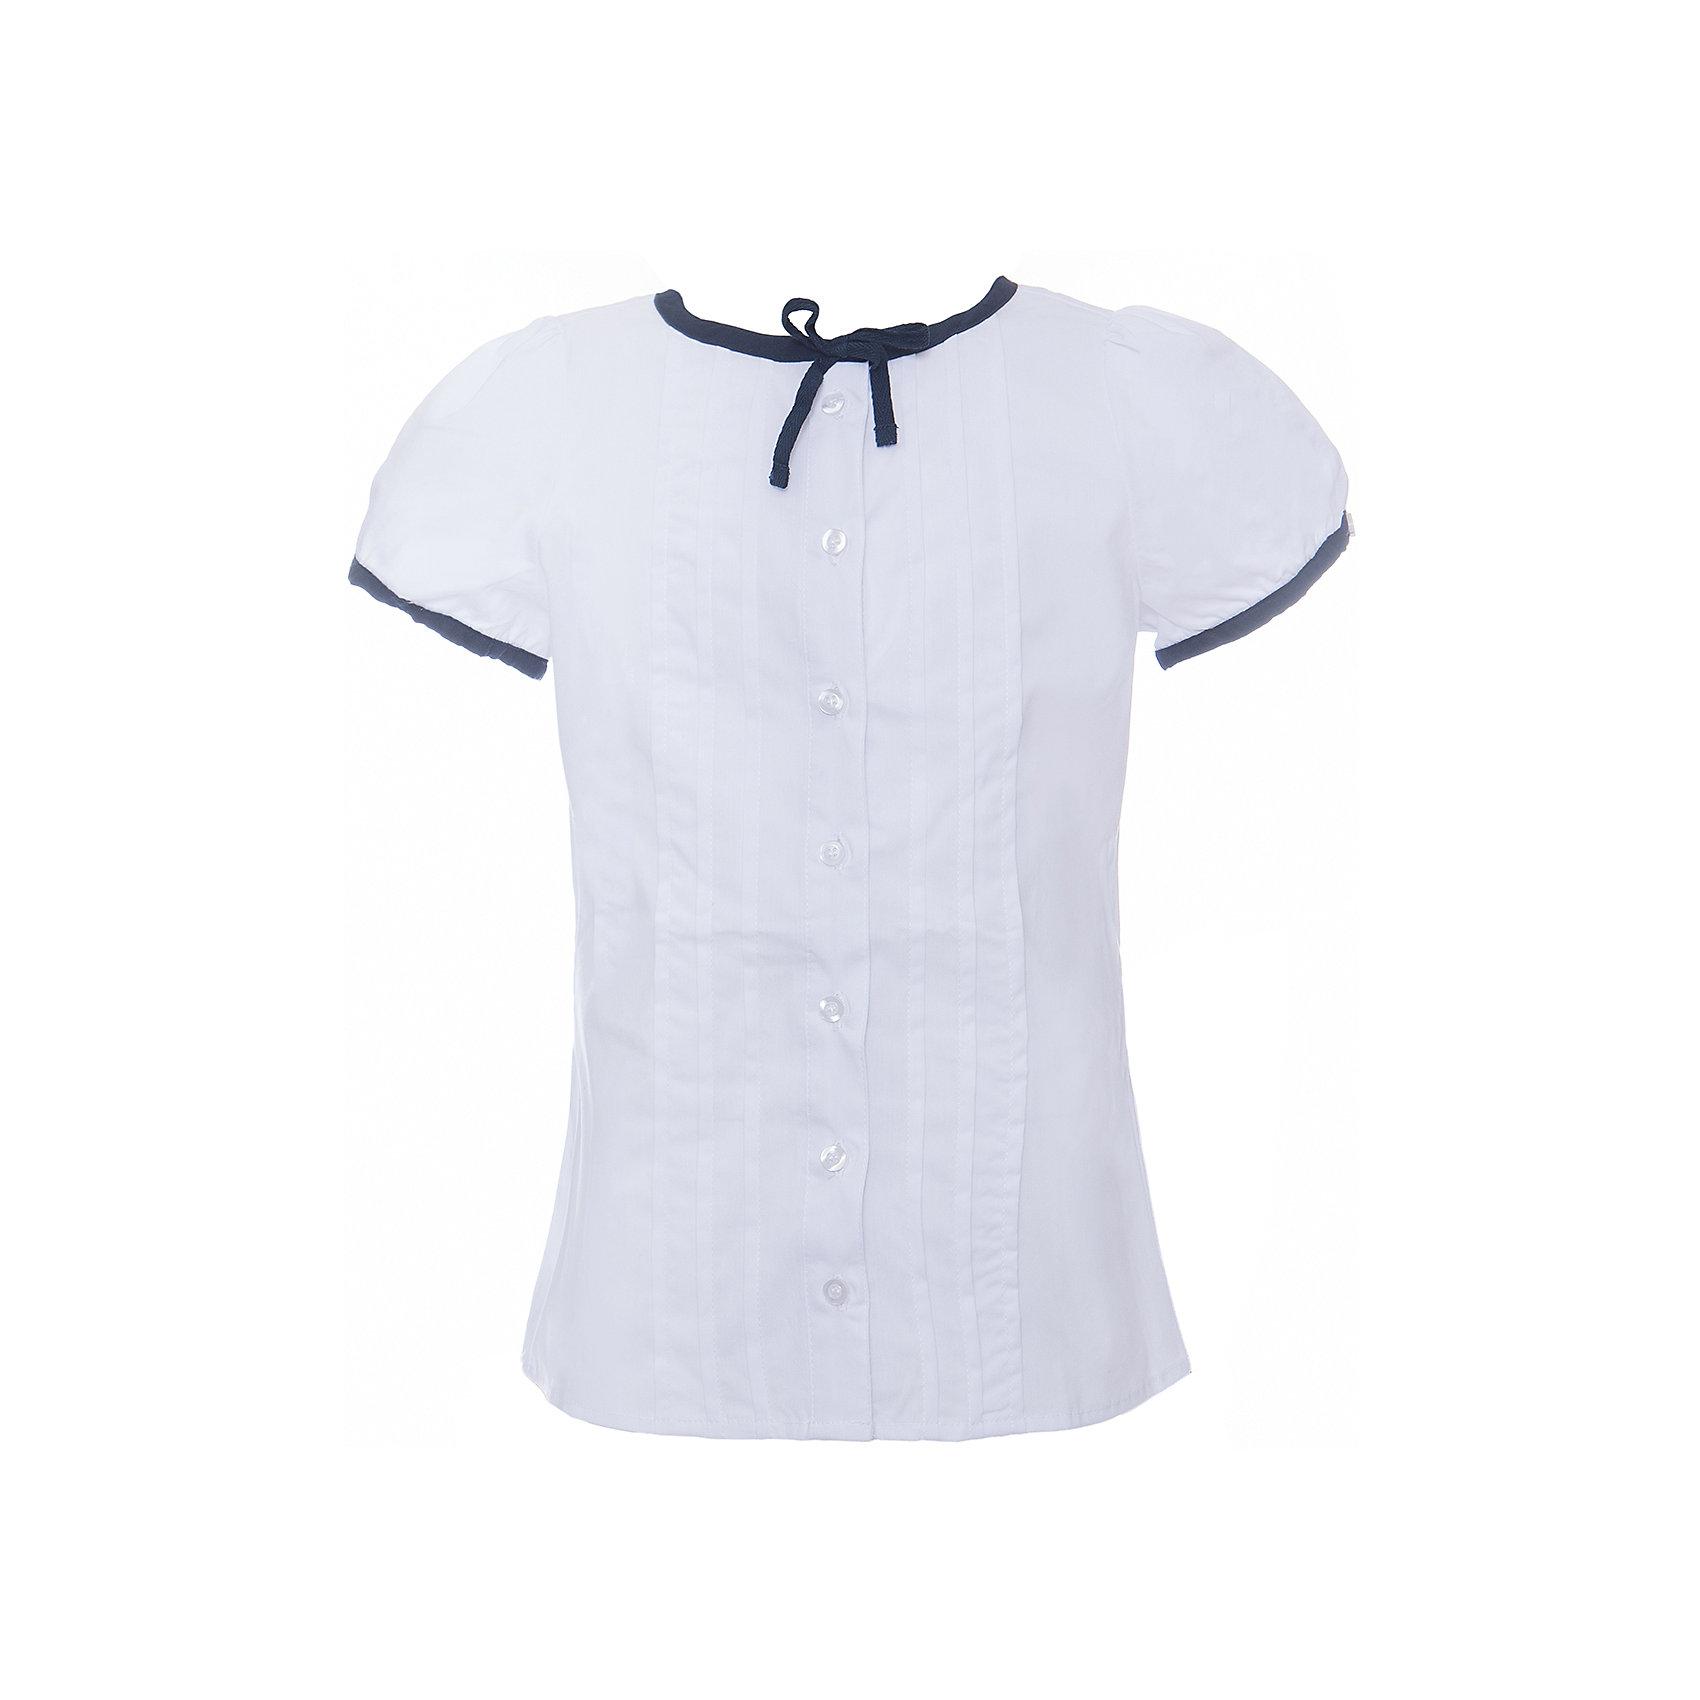 Блузка текстильная для девочки ScoolБлузки и рубашки<br>Блузка текстильная для девочки Scool<br>Блузка с коротким рукавом в классическом стиле сможет дополнить школьный гардероб ребенка. Передняя часть этой модели декорирована встрочными складками по всей длине изделия. Рукава - фонарики и горловина отделаны контрастной тканью.<br>Состав:<br>65% полиэстер, 35% хлопок<br><br>Ширина мм: 186<br>Глубина мм: 87<br>Высота мм: 198<br>Вес г: 197<br>Цвет: белый<br>Возраст от месяцев: 156<br>Возраст до месяцев: 168<br>Пол: Женский<br>Возраст: Детский<br>Размер: 164,122,128,134,140,146,152,158<br>SKU: 6754835